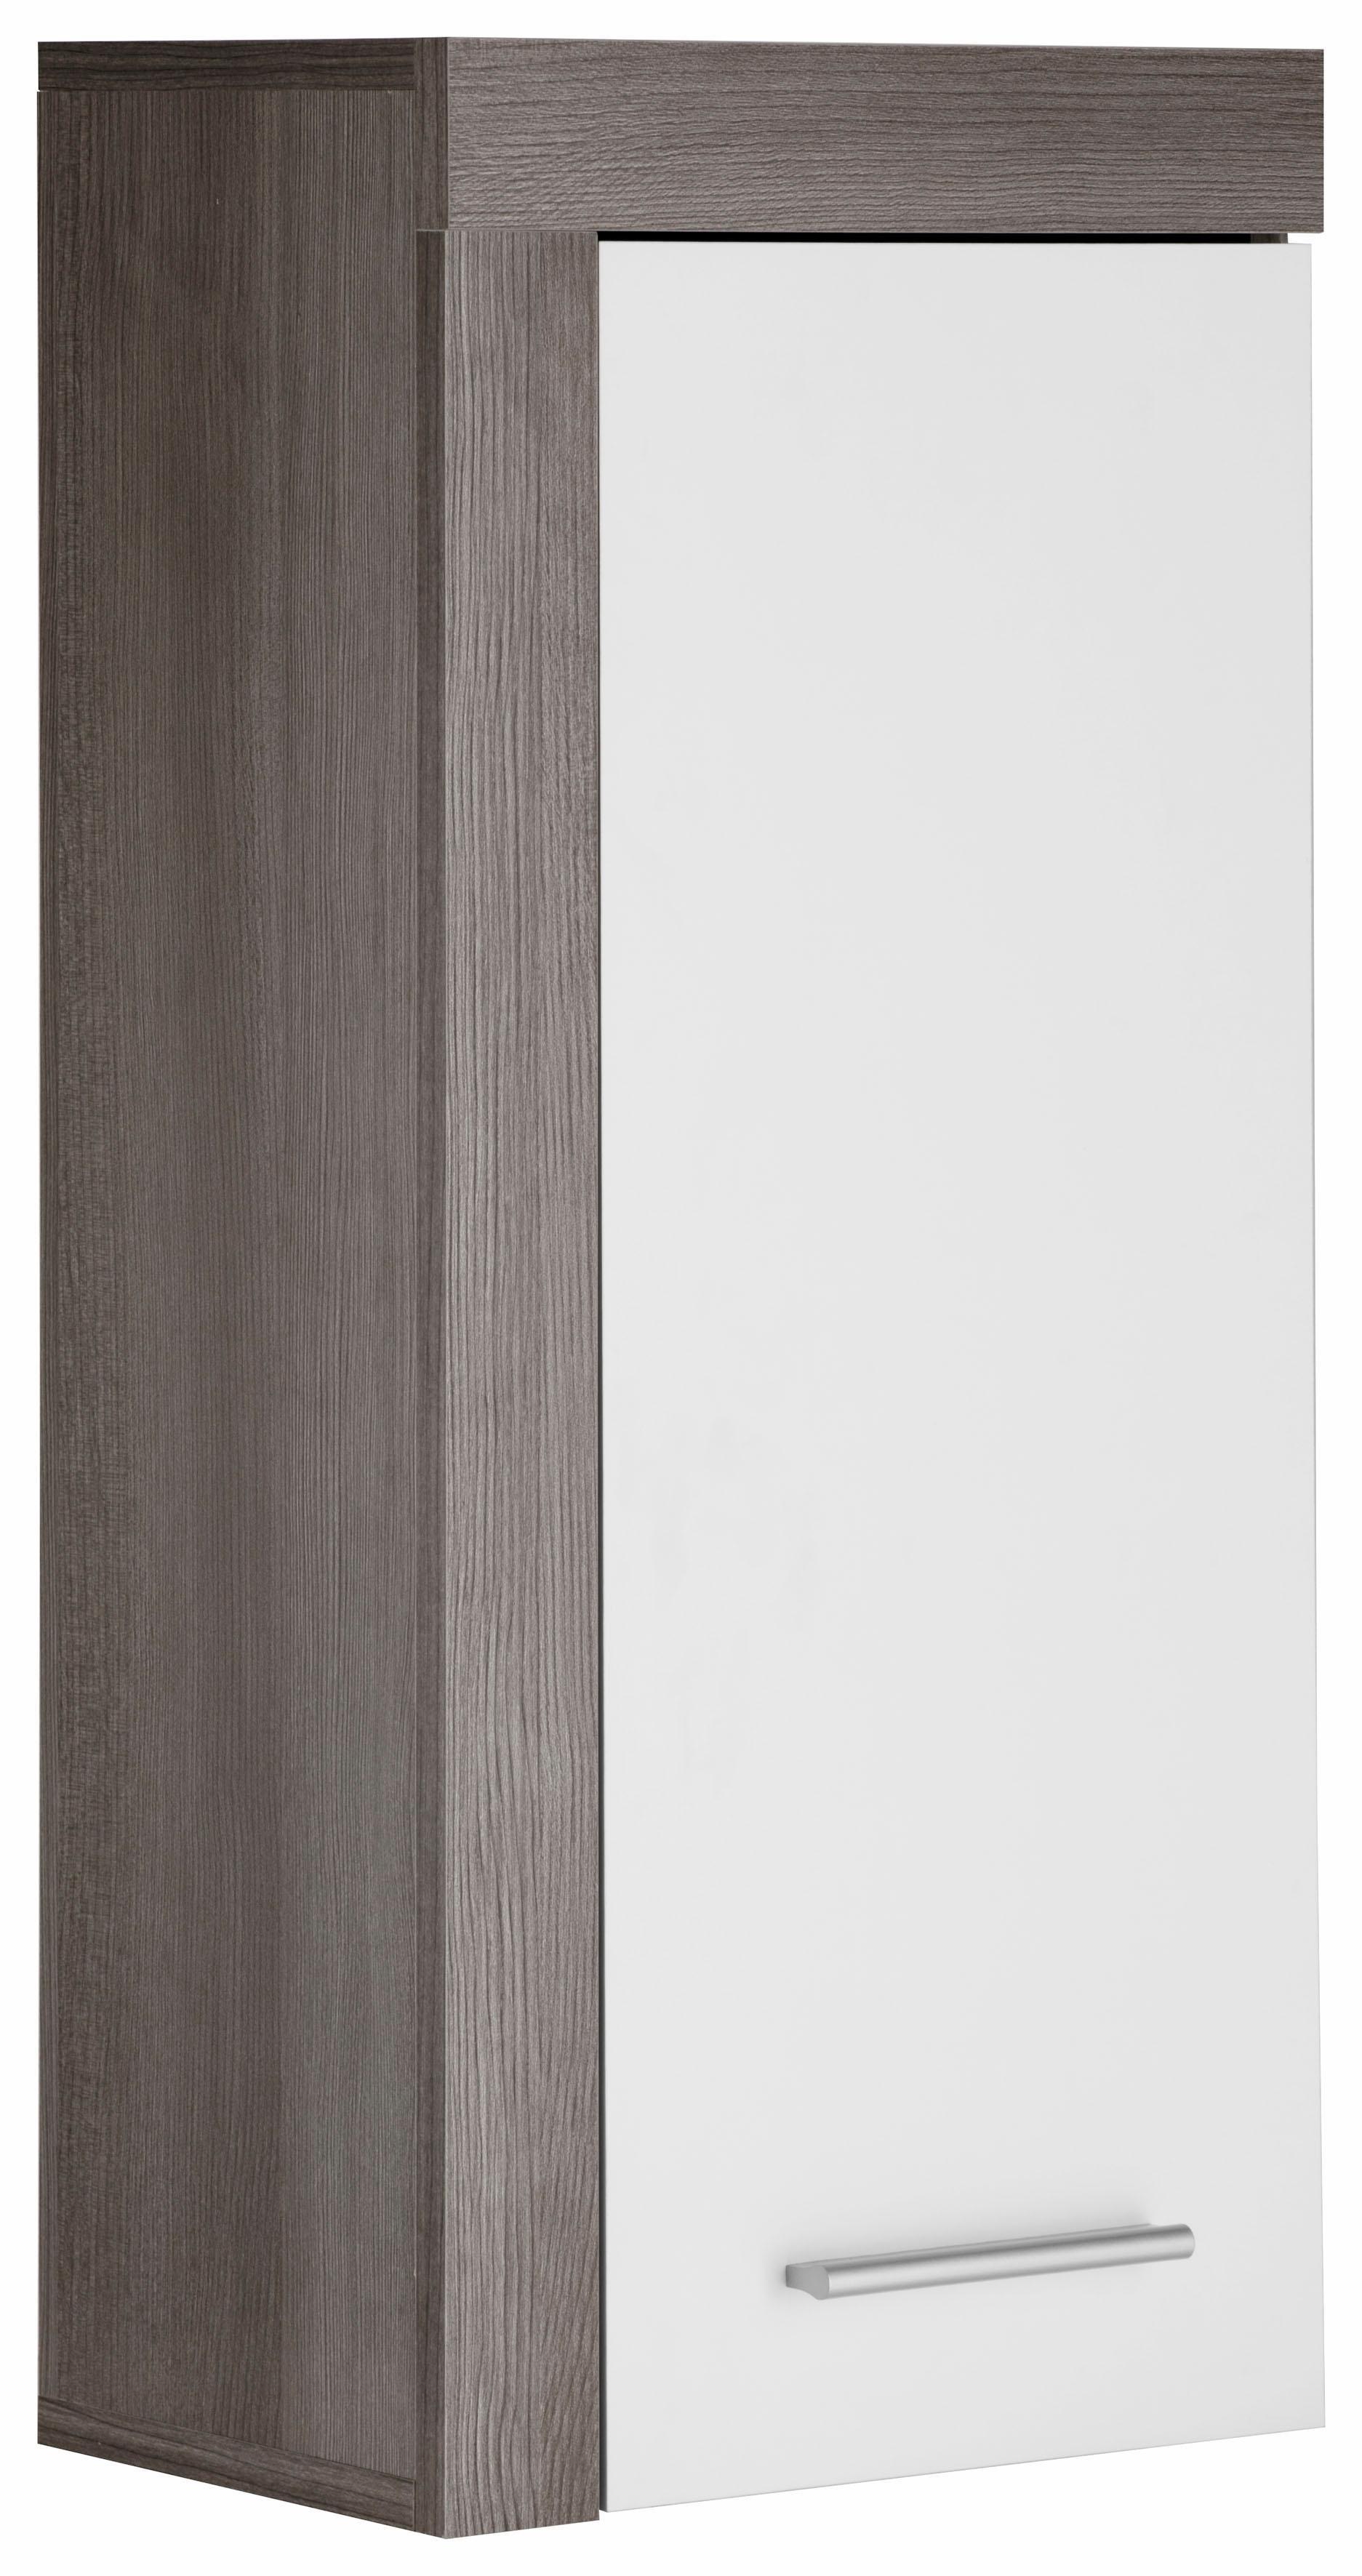 trendteam hangend kastje Miami met randen in houttinten, breedte 36 cm nu online bestellen